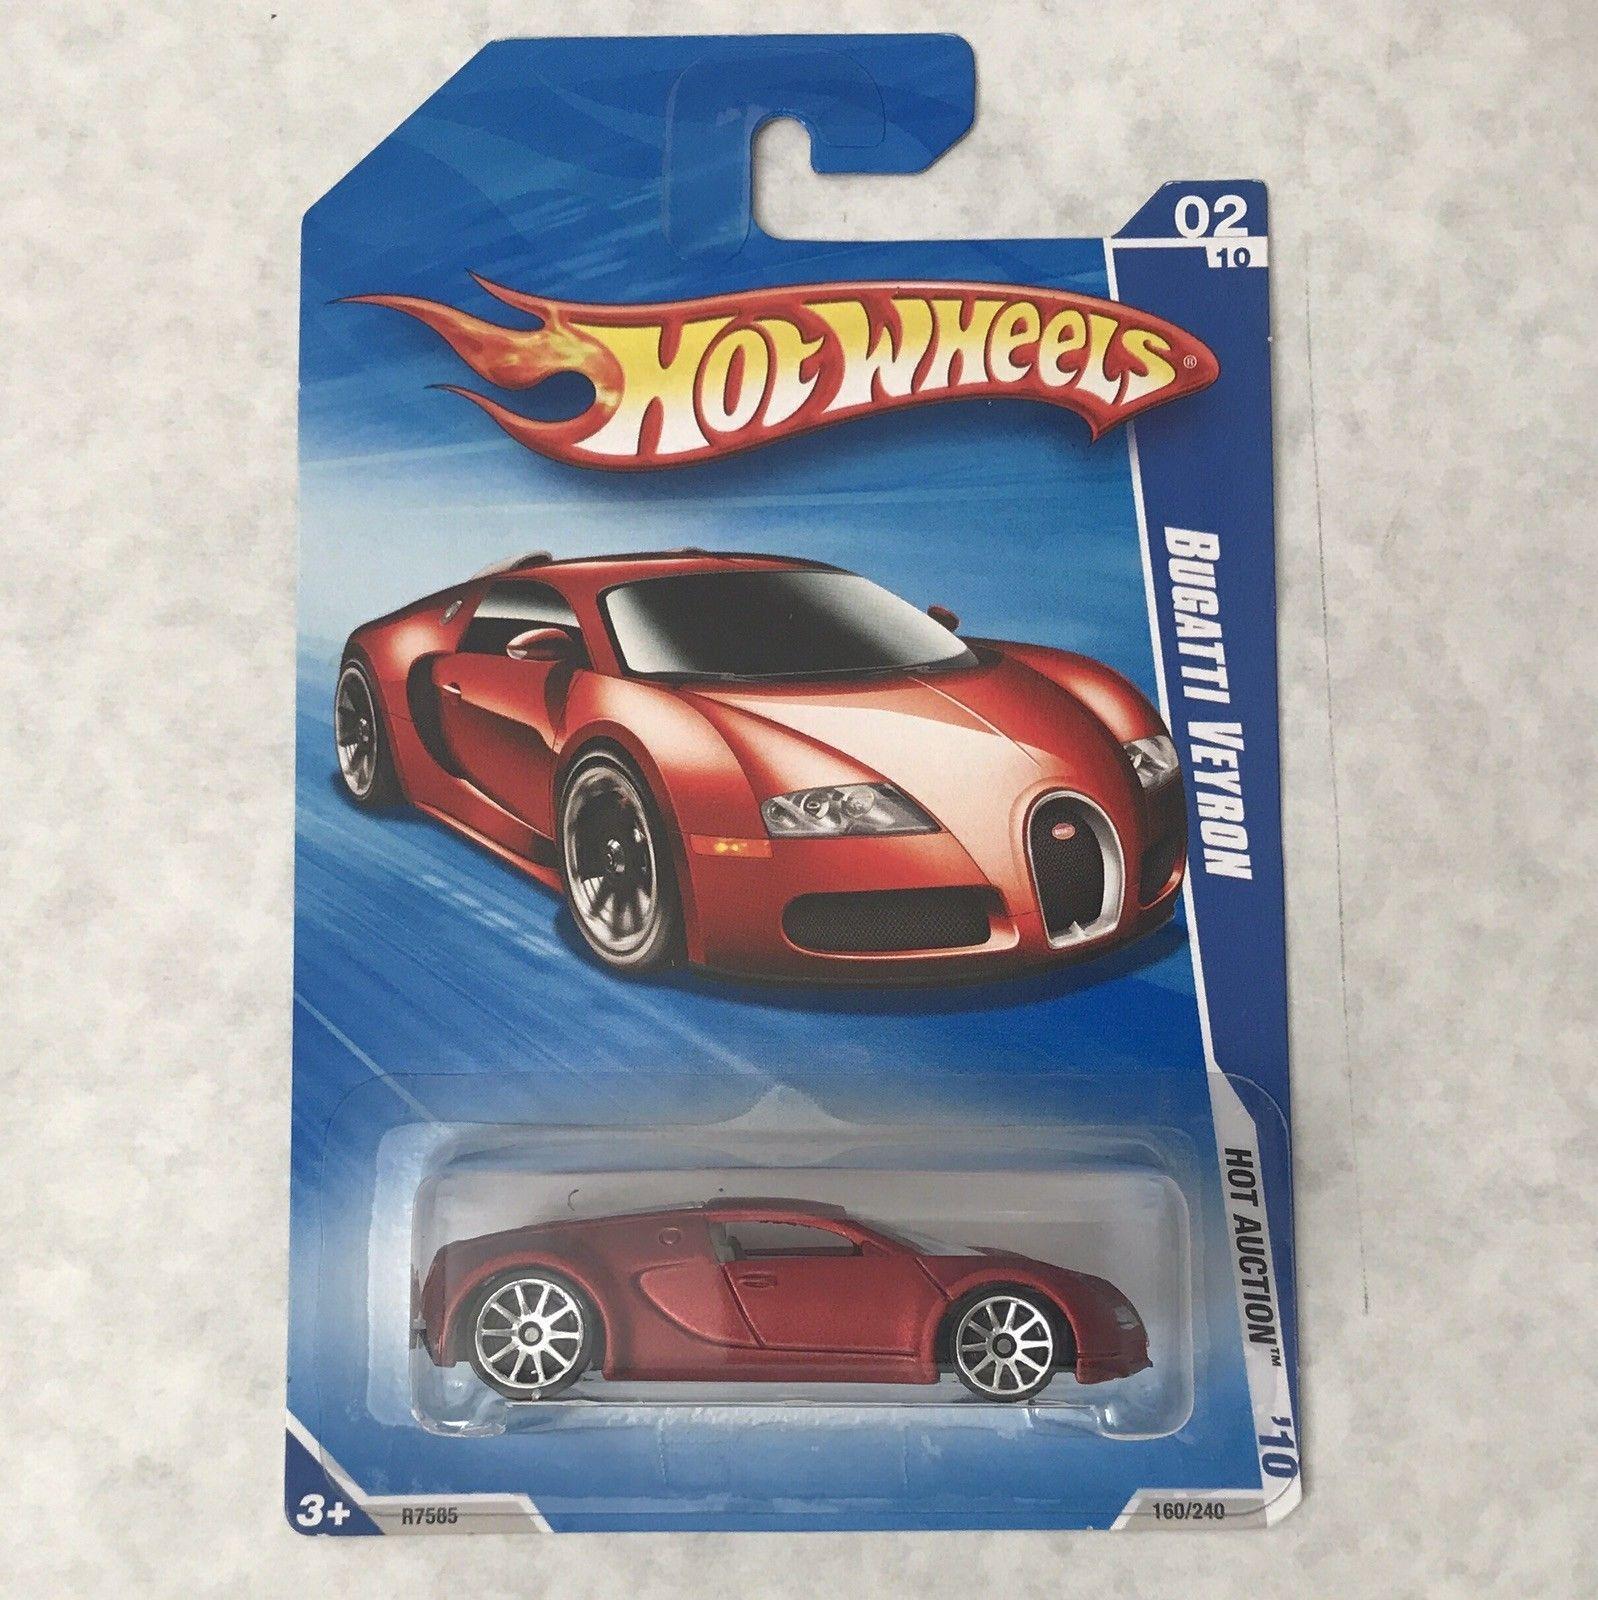 9ddd01c2f32f3d0d5bce804936e970b2 Elegant Bugatti Veyron toy Car Hot Wheels Cars Trend